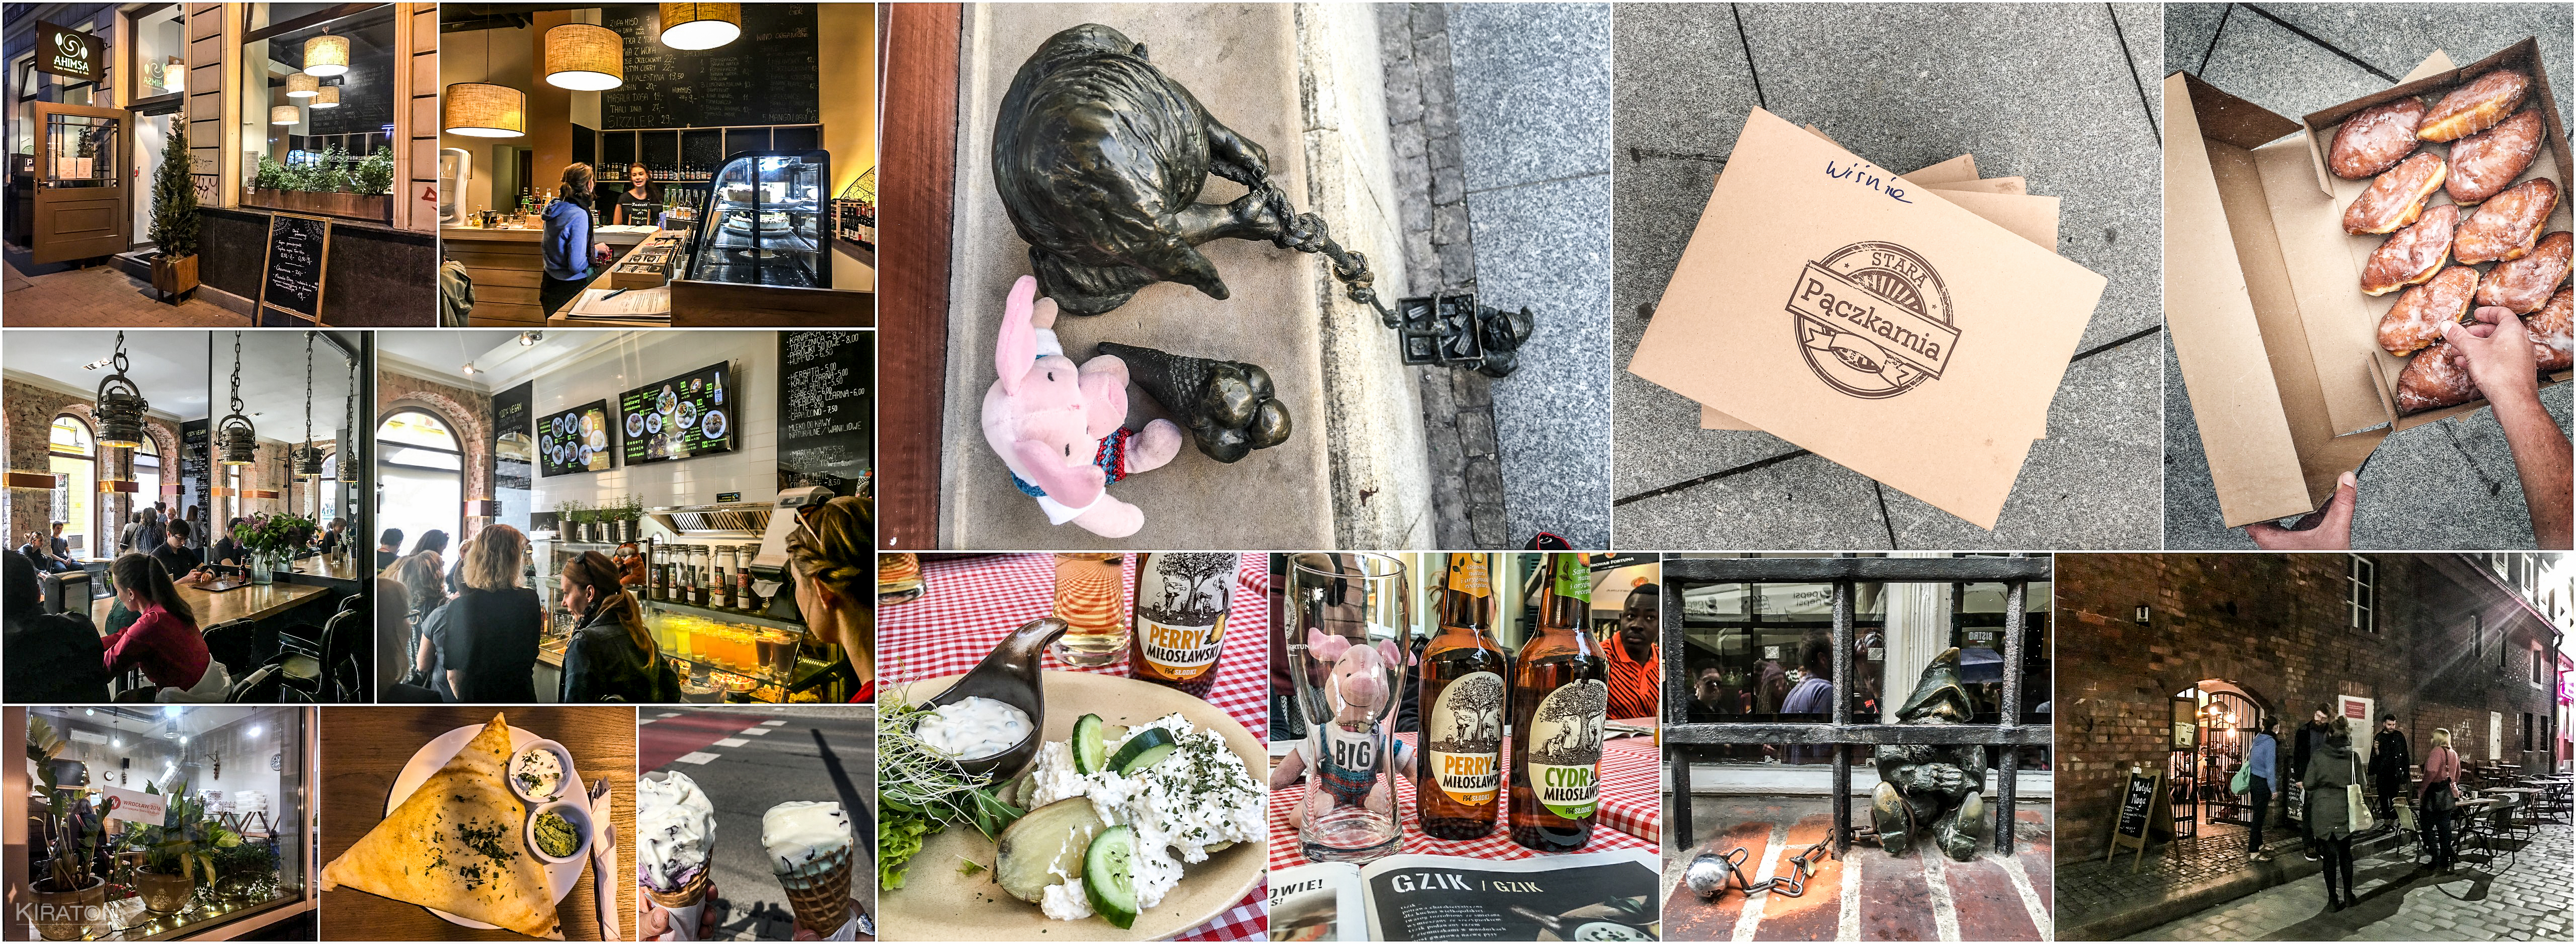 Leckeres Essen in Wroclaw: ganz links oben: das Ahimsa; direkt darunter: VEGA (100% vegan); ganz unten links: Piec Na Szewskiej, daneben das leckere Essen im Ahimsa und Eis; oben Mitte: Ferkel und ein Zwerg beim Eis-Klau; oben rechts: Stara Paczkarnia; unten Mitte: das Cafe Konspira mit schmackhaften Cider zum Essen; ganz links unten: Motyla Noga in den ehemaligen Gefängnismauern und davor der Zwerg hinter Gittern.